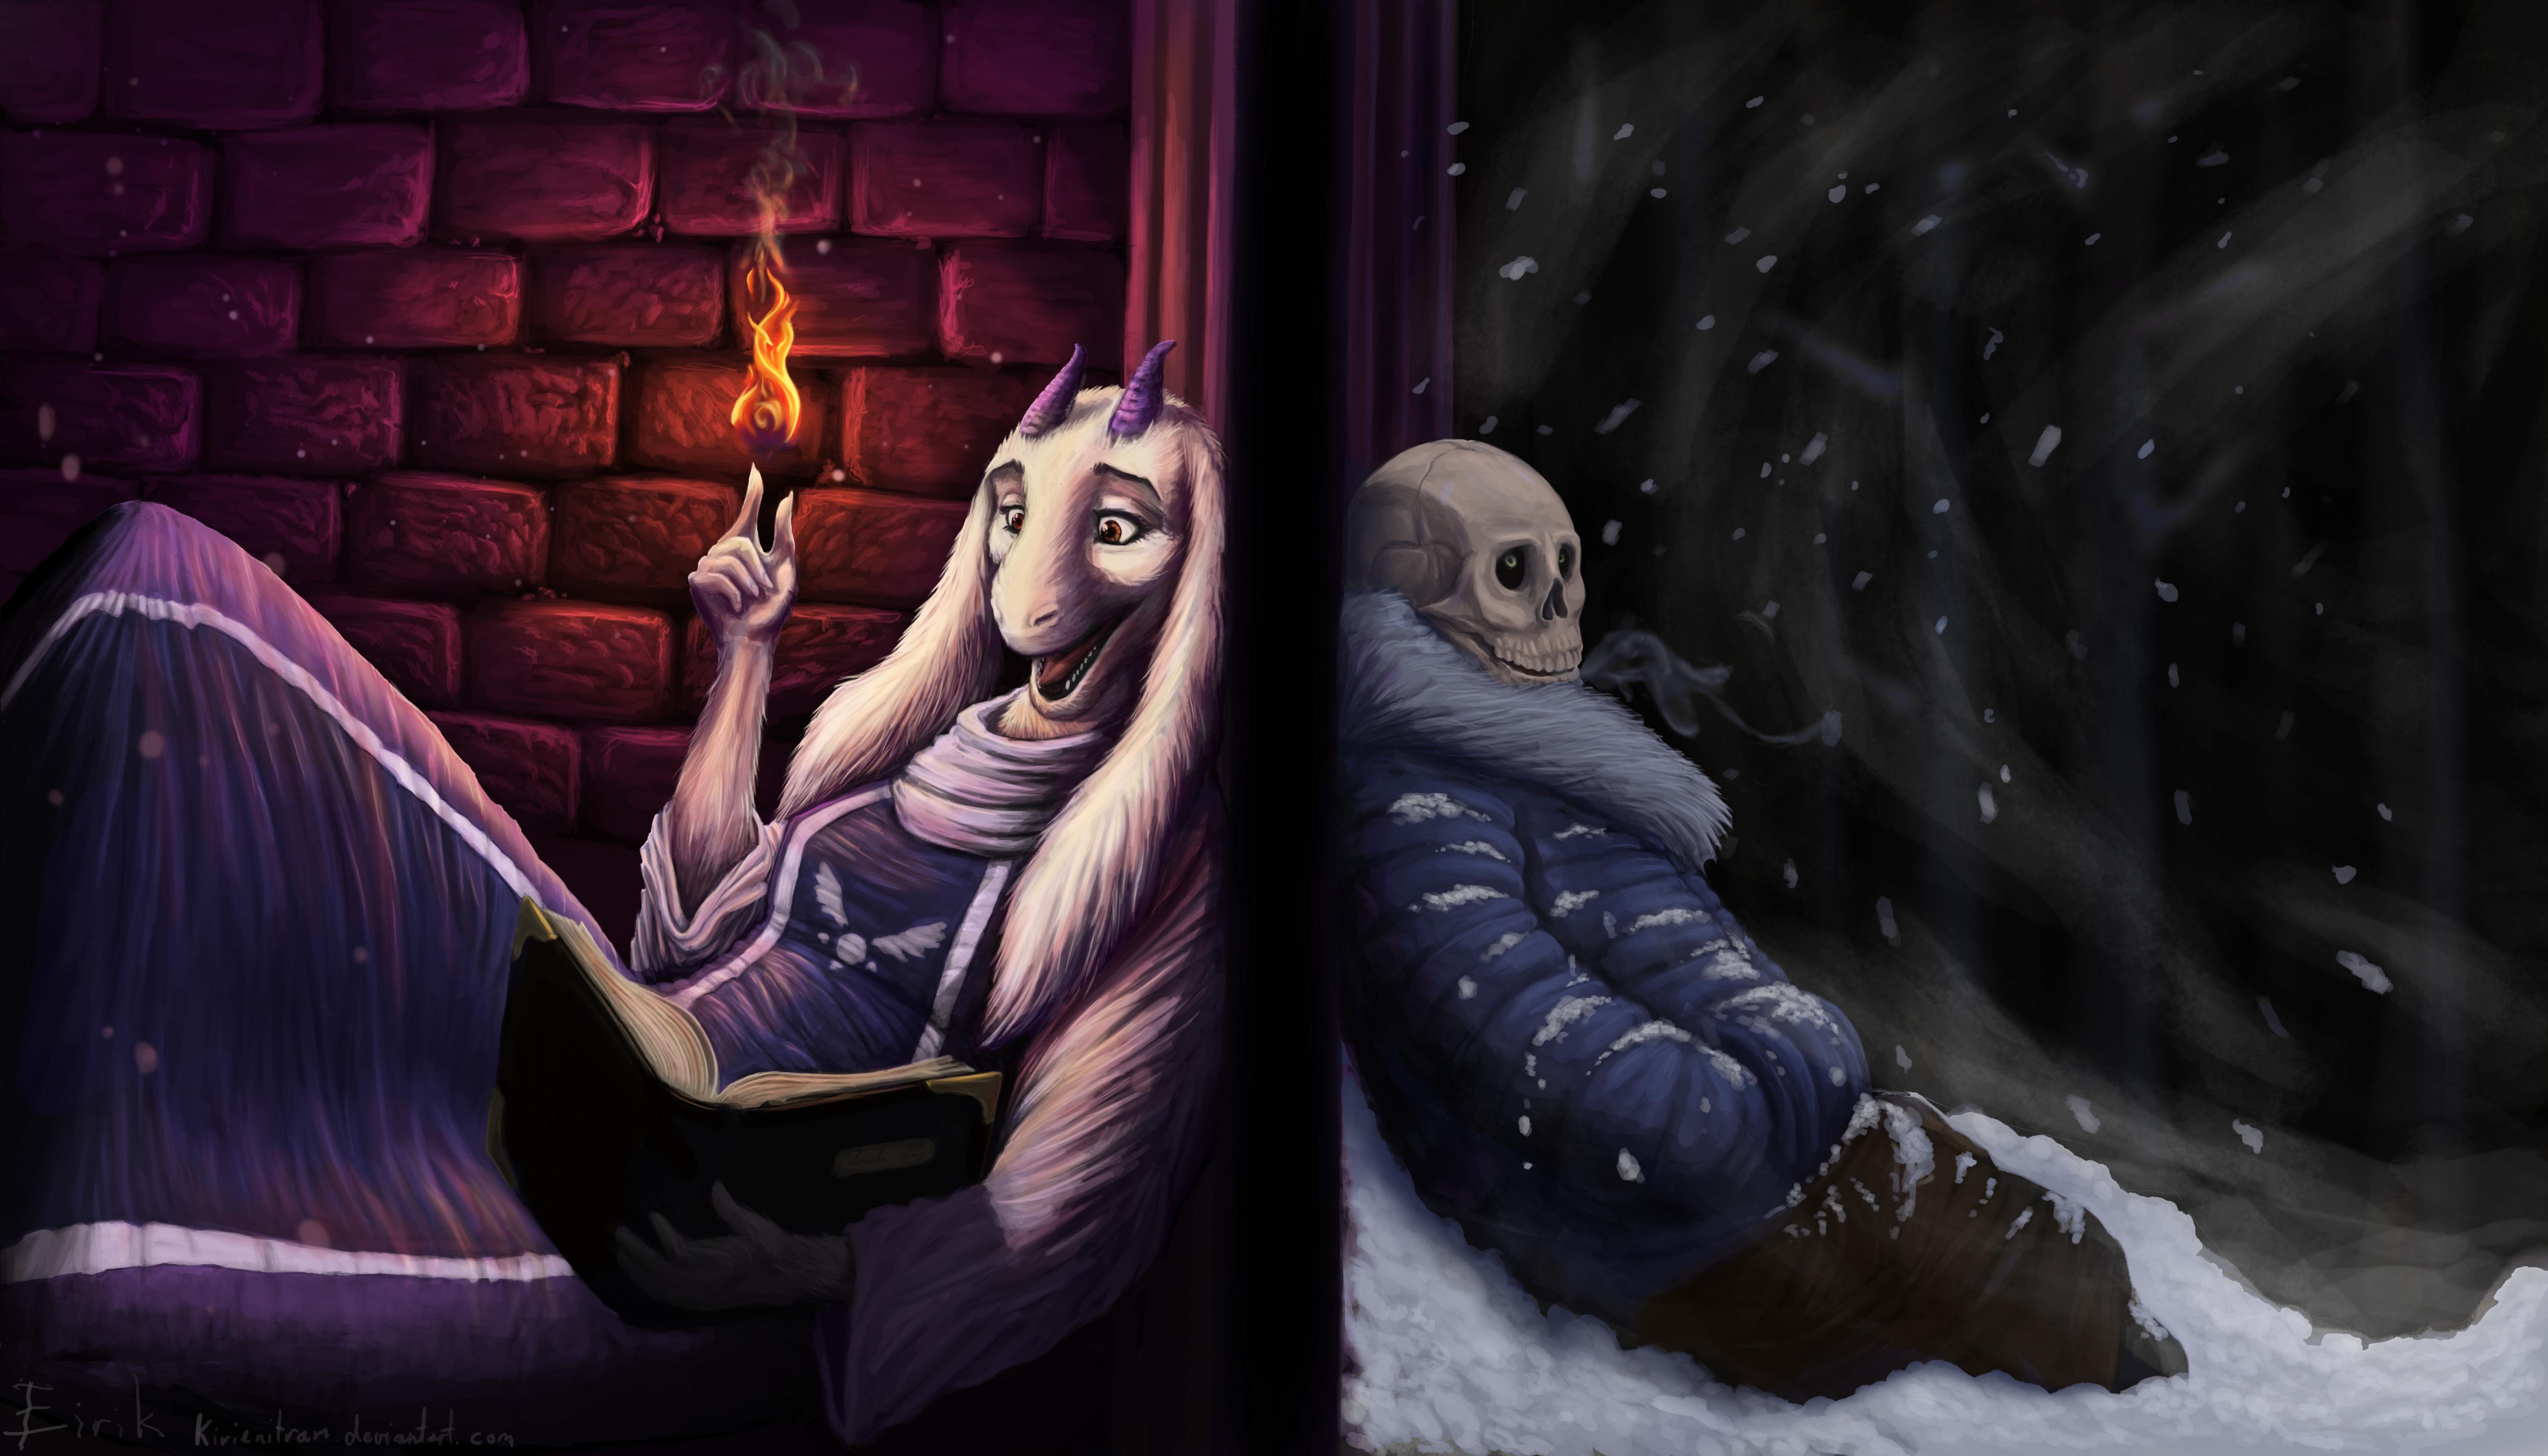 Goat lady telling jokes to a skeleton